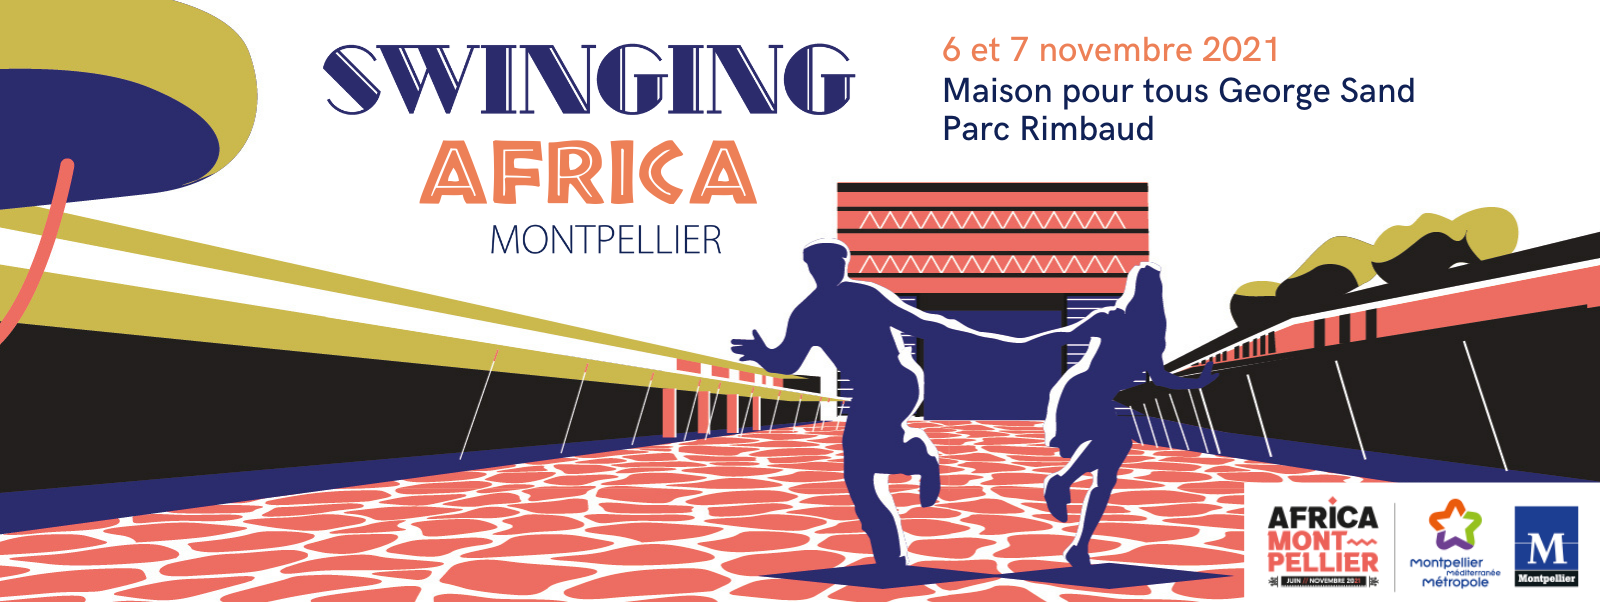 Affiche swinging africa montpellier